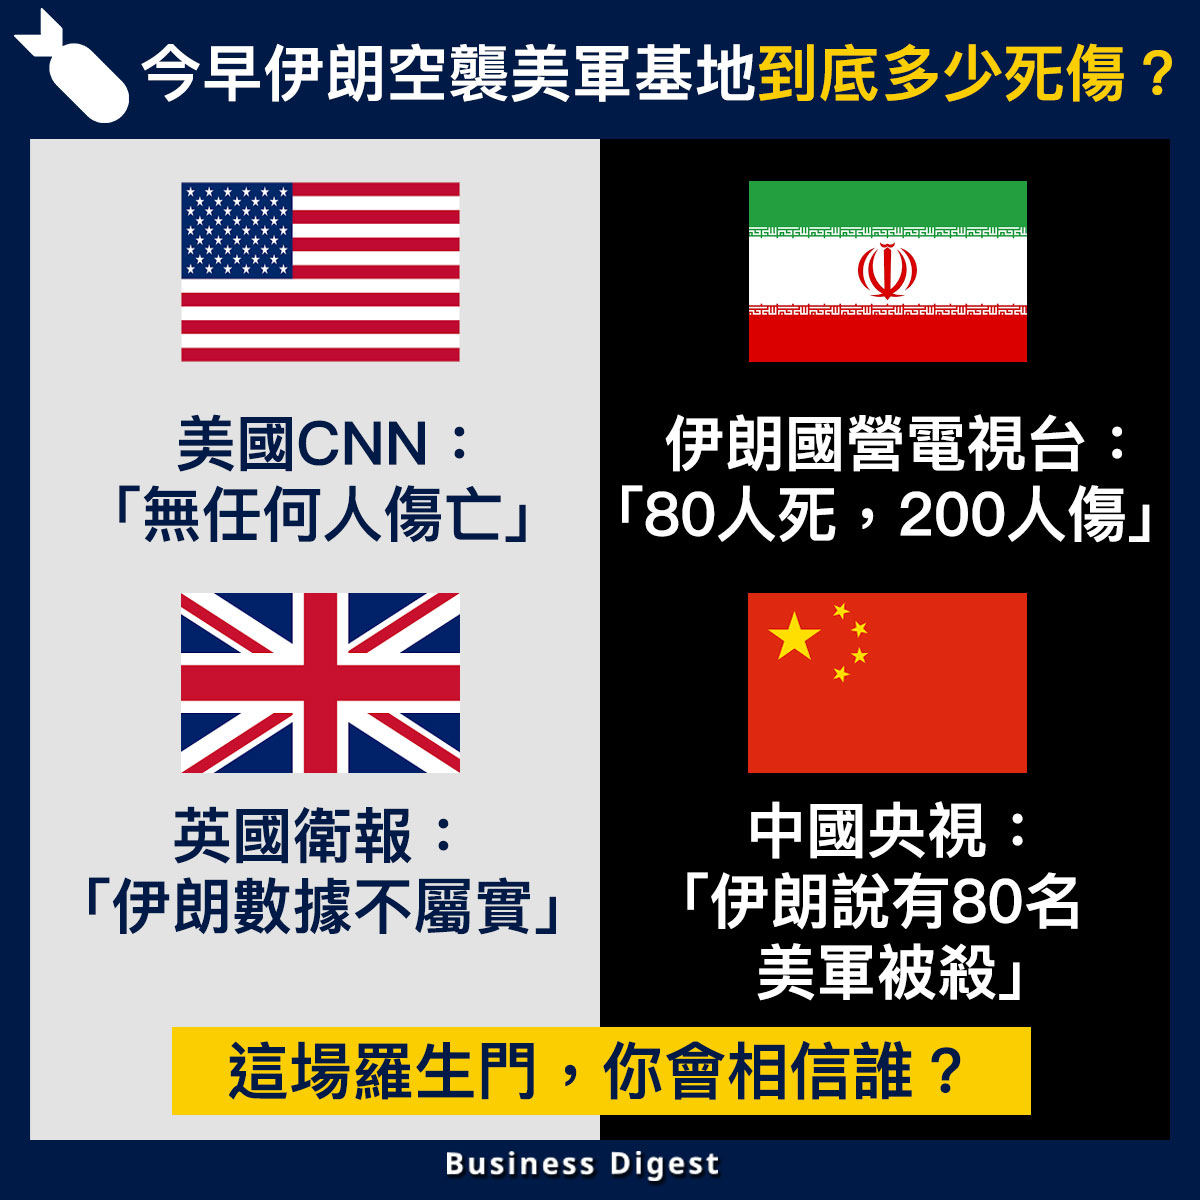 【國際熱話】今早伊朗空襲美軍基地到底多少死傷?